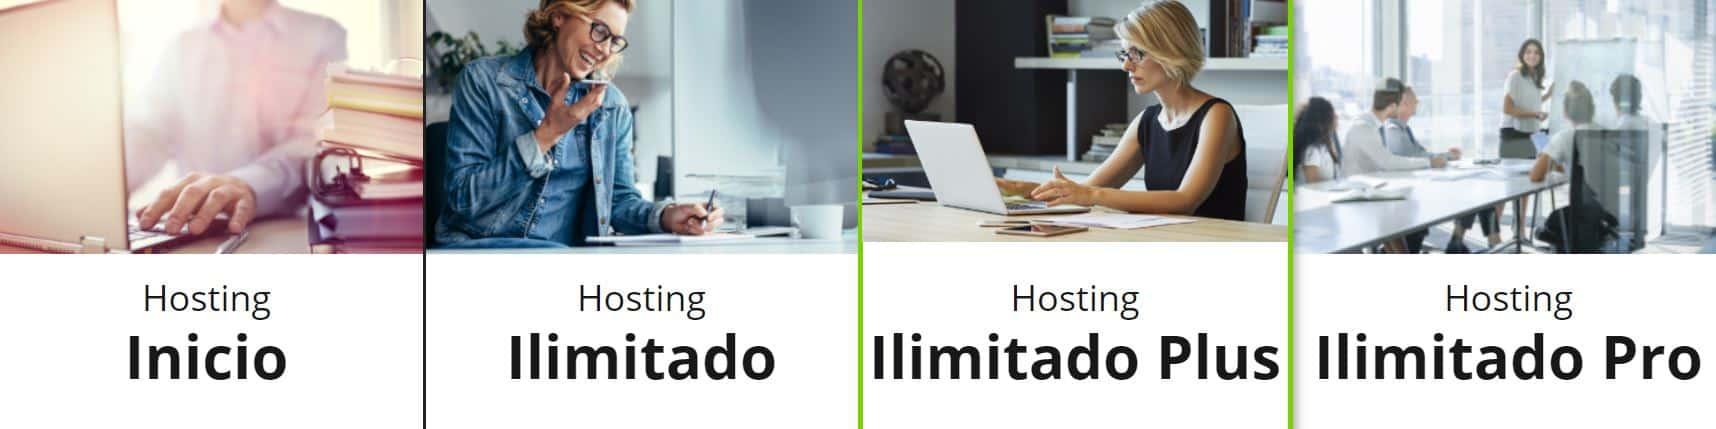 Además, de diferentes planes, en hosting Acens tienes servicio de atención único.